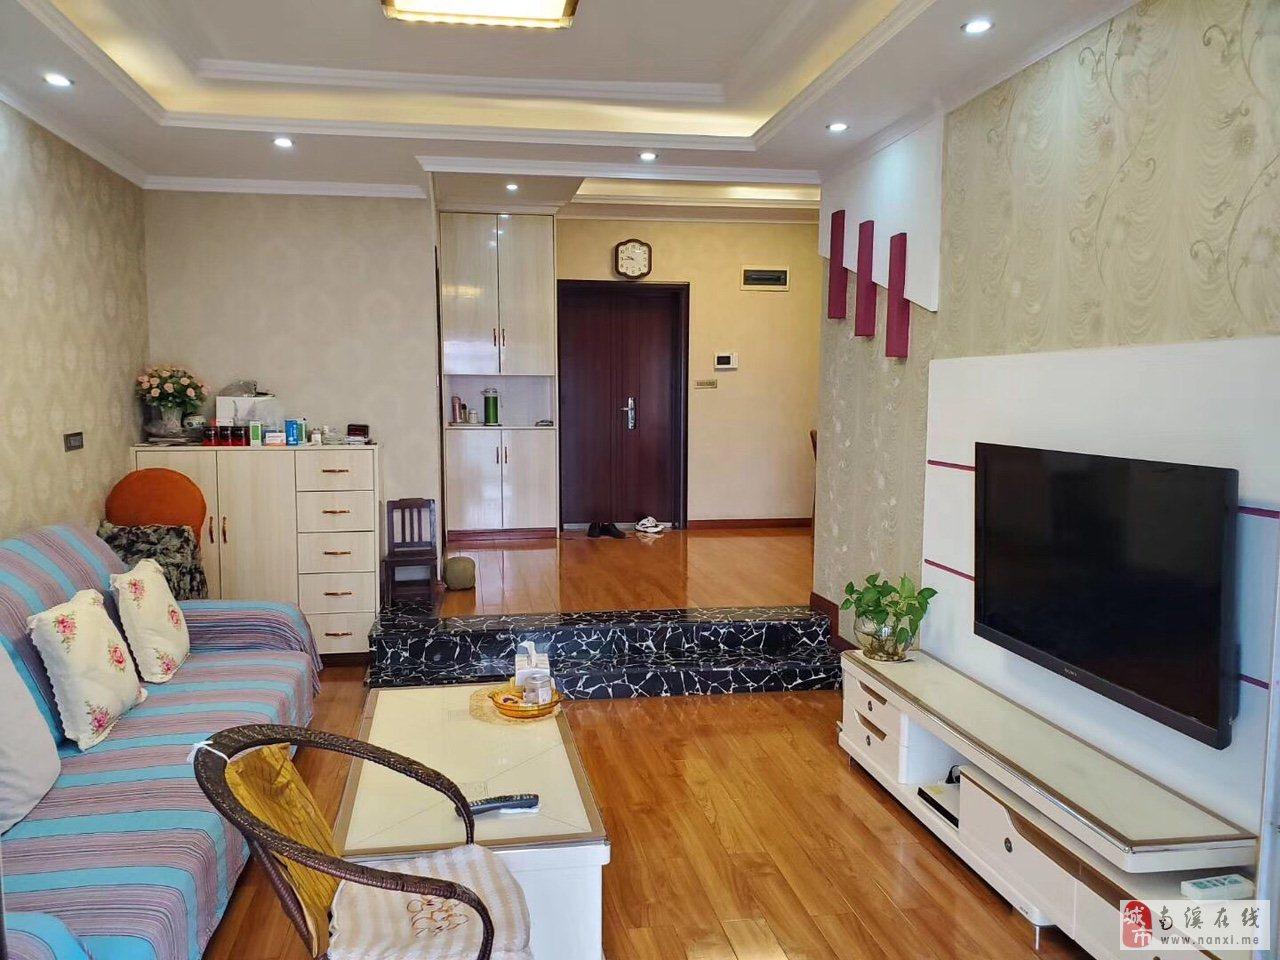 康安江城优质大两室房送品牌家具家电降价出售了